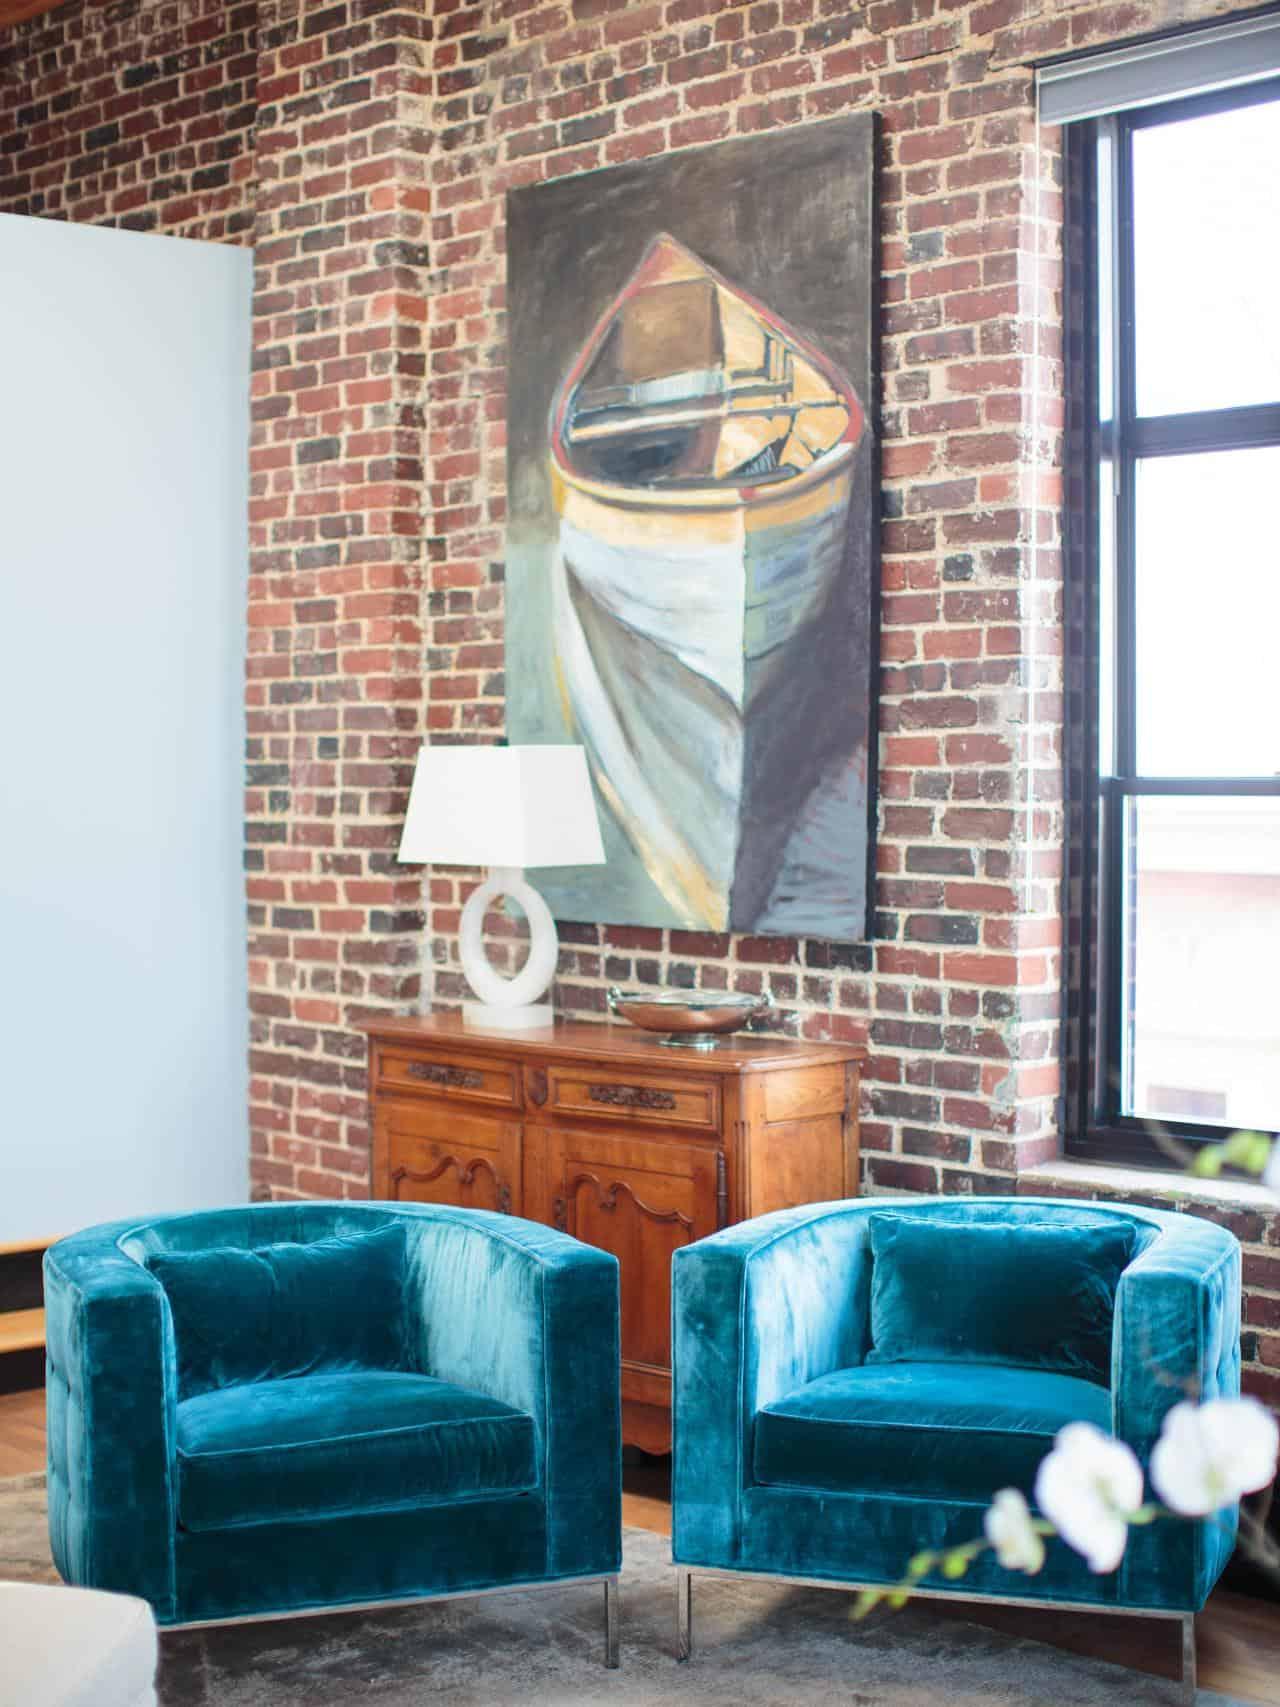 velvet accent chair in living room.jpg 2